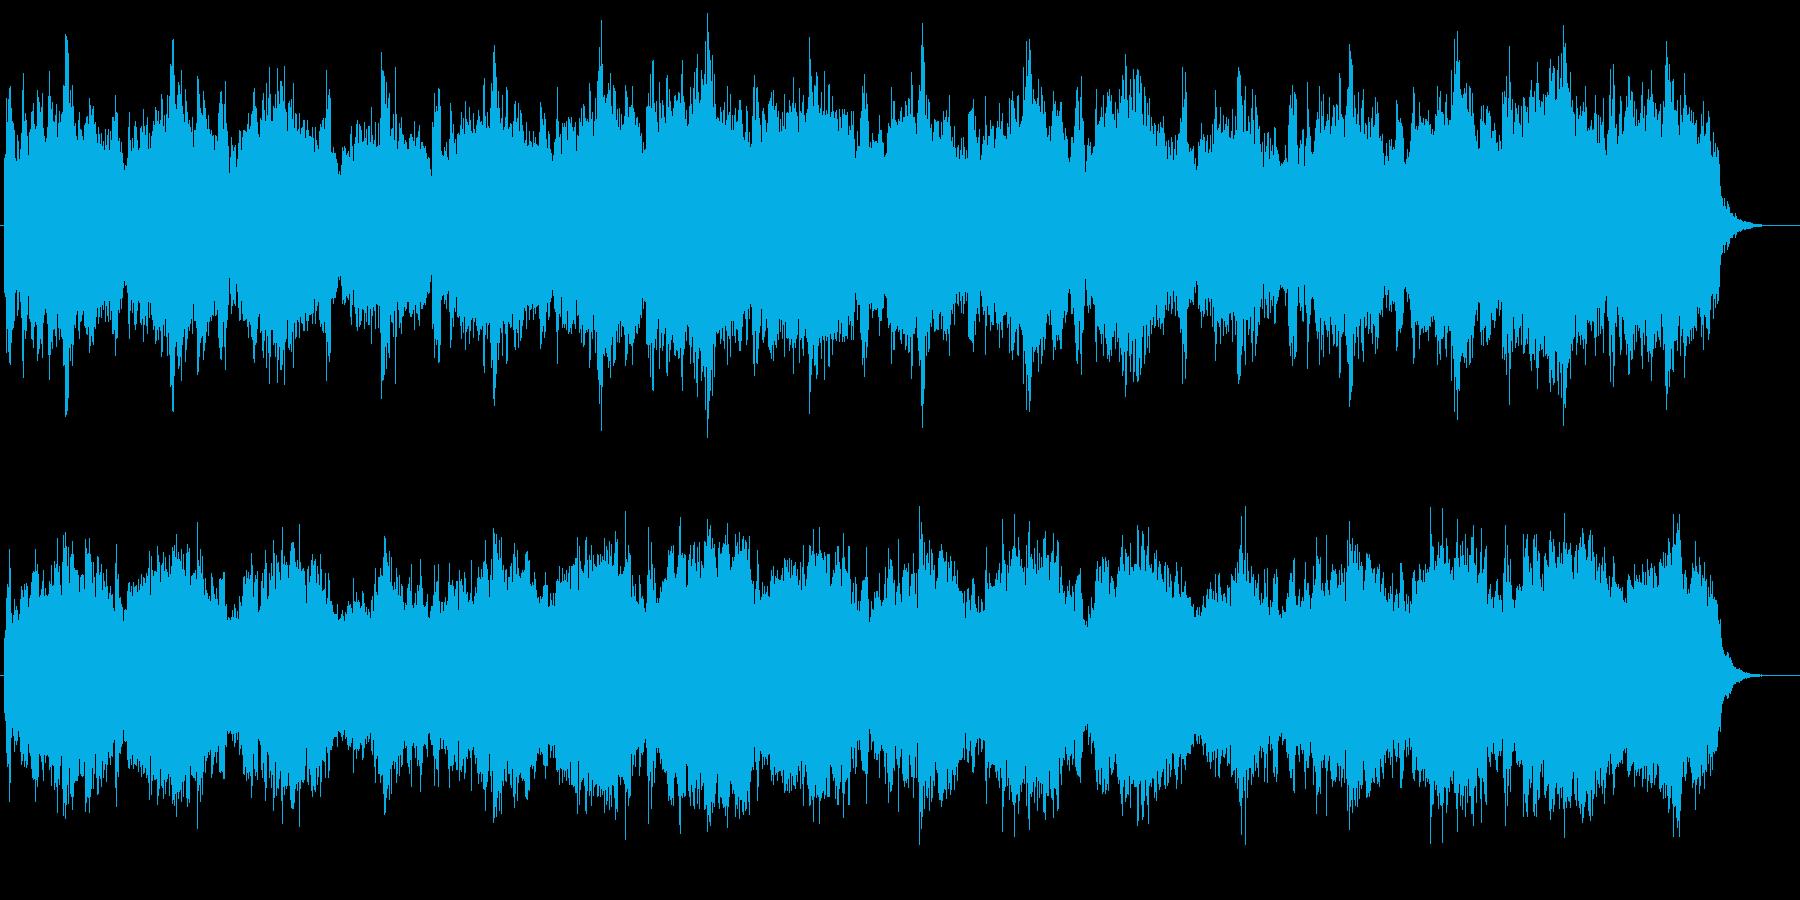 穏やかでファンタジックなバラードの再生済みの波形